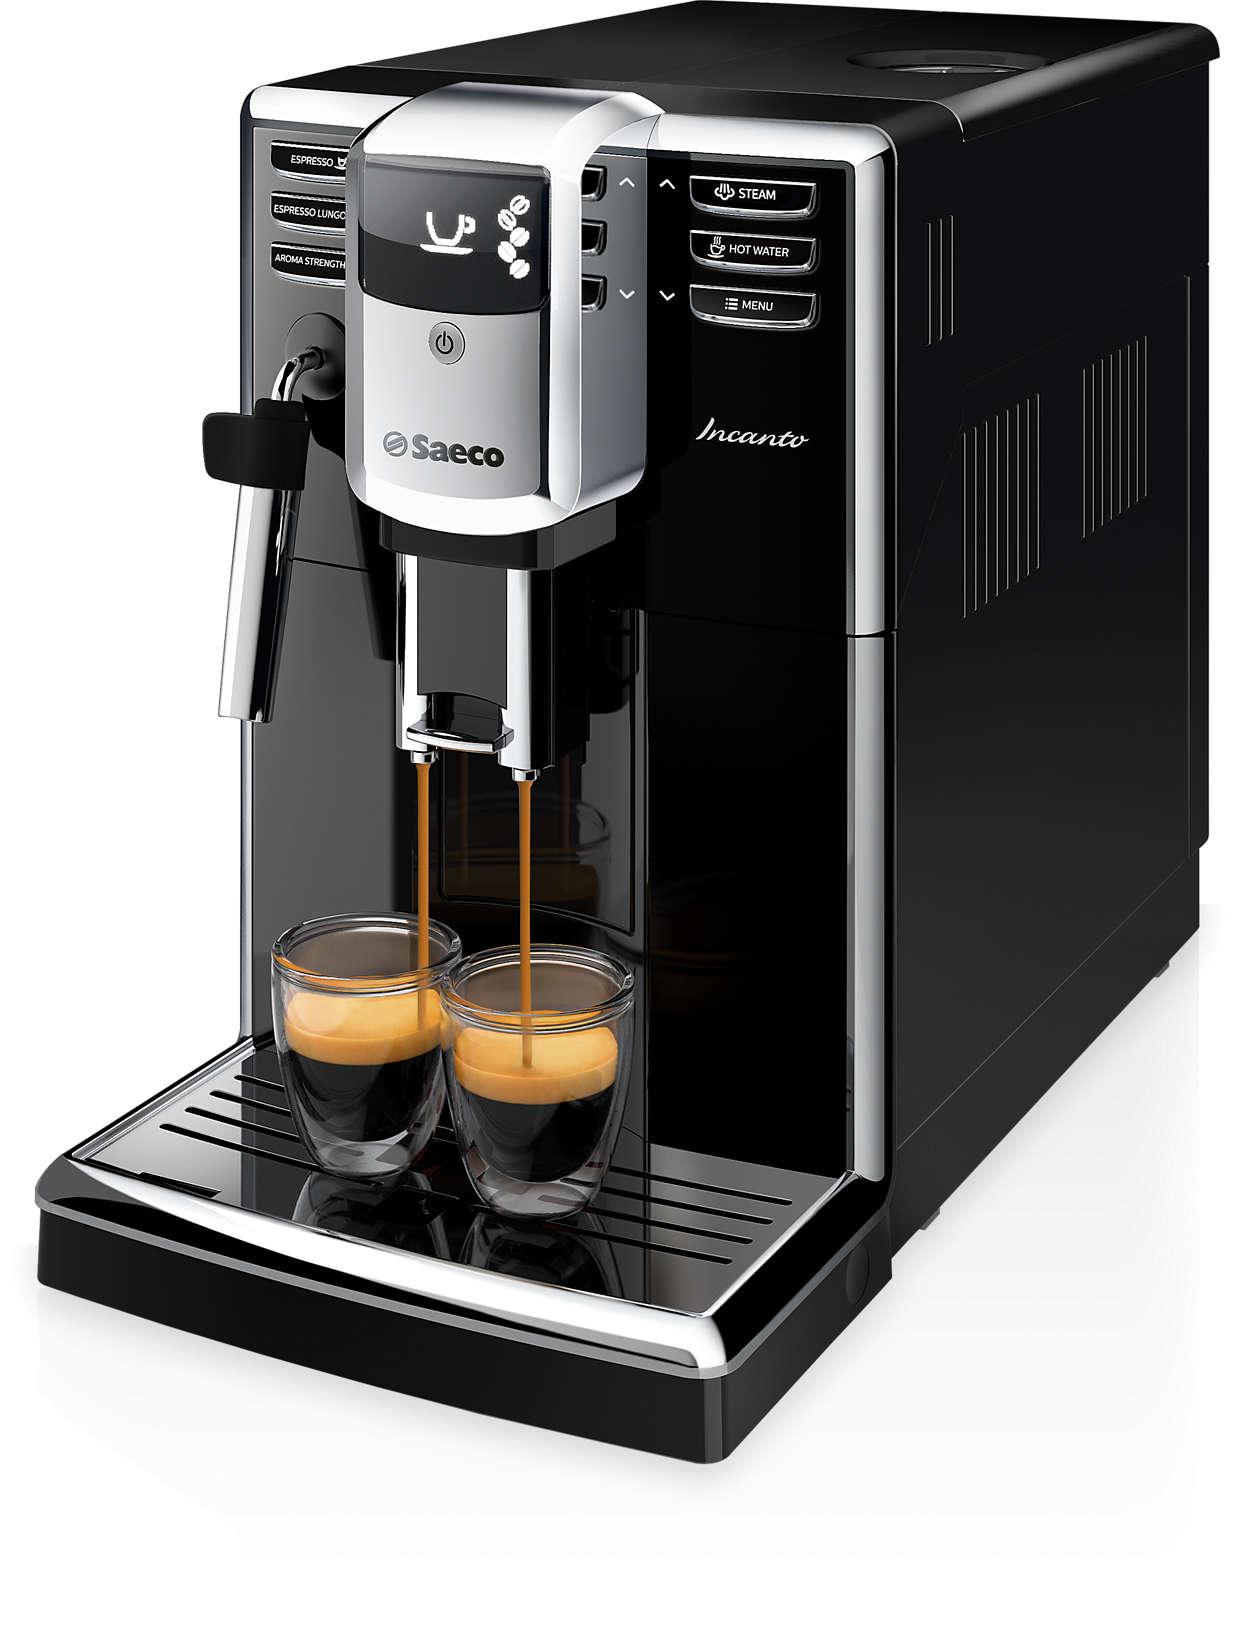 Espressor, uz casnic, Aparat de cafea, , Cafea boabe, Espressoare Cluj-Napoca, Aparat de cafea Cluj